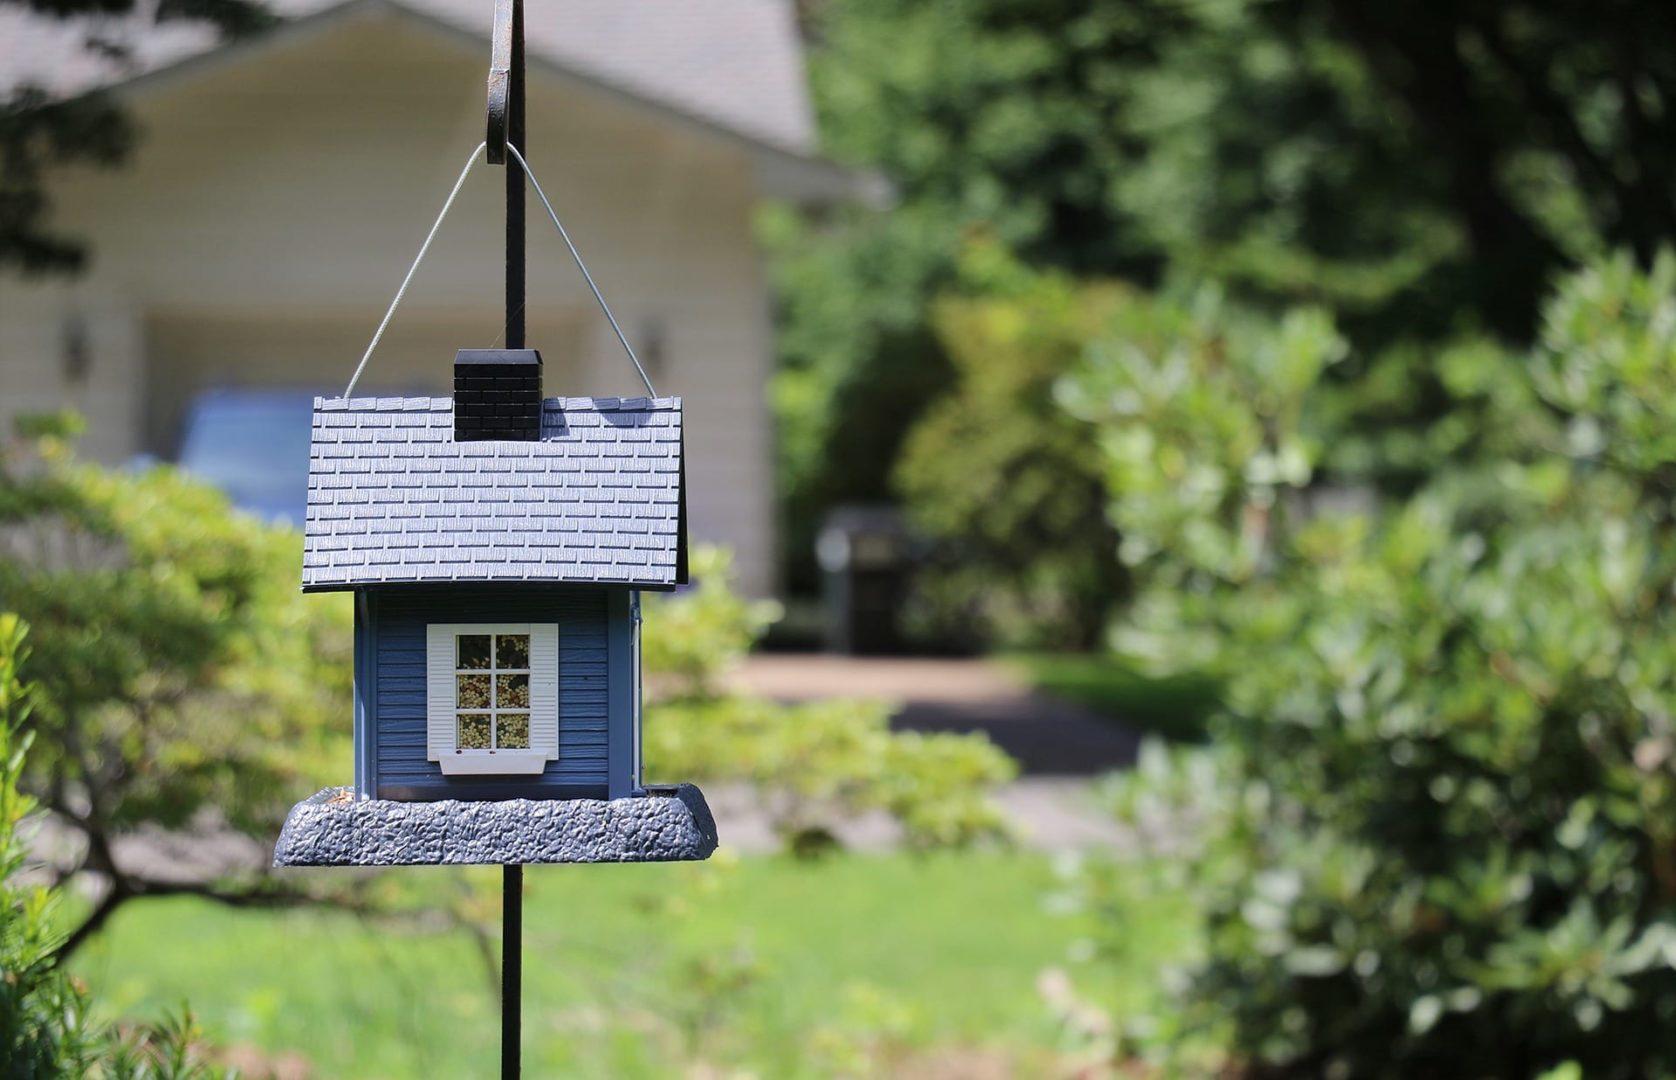 birdhouse-2216747_1920